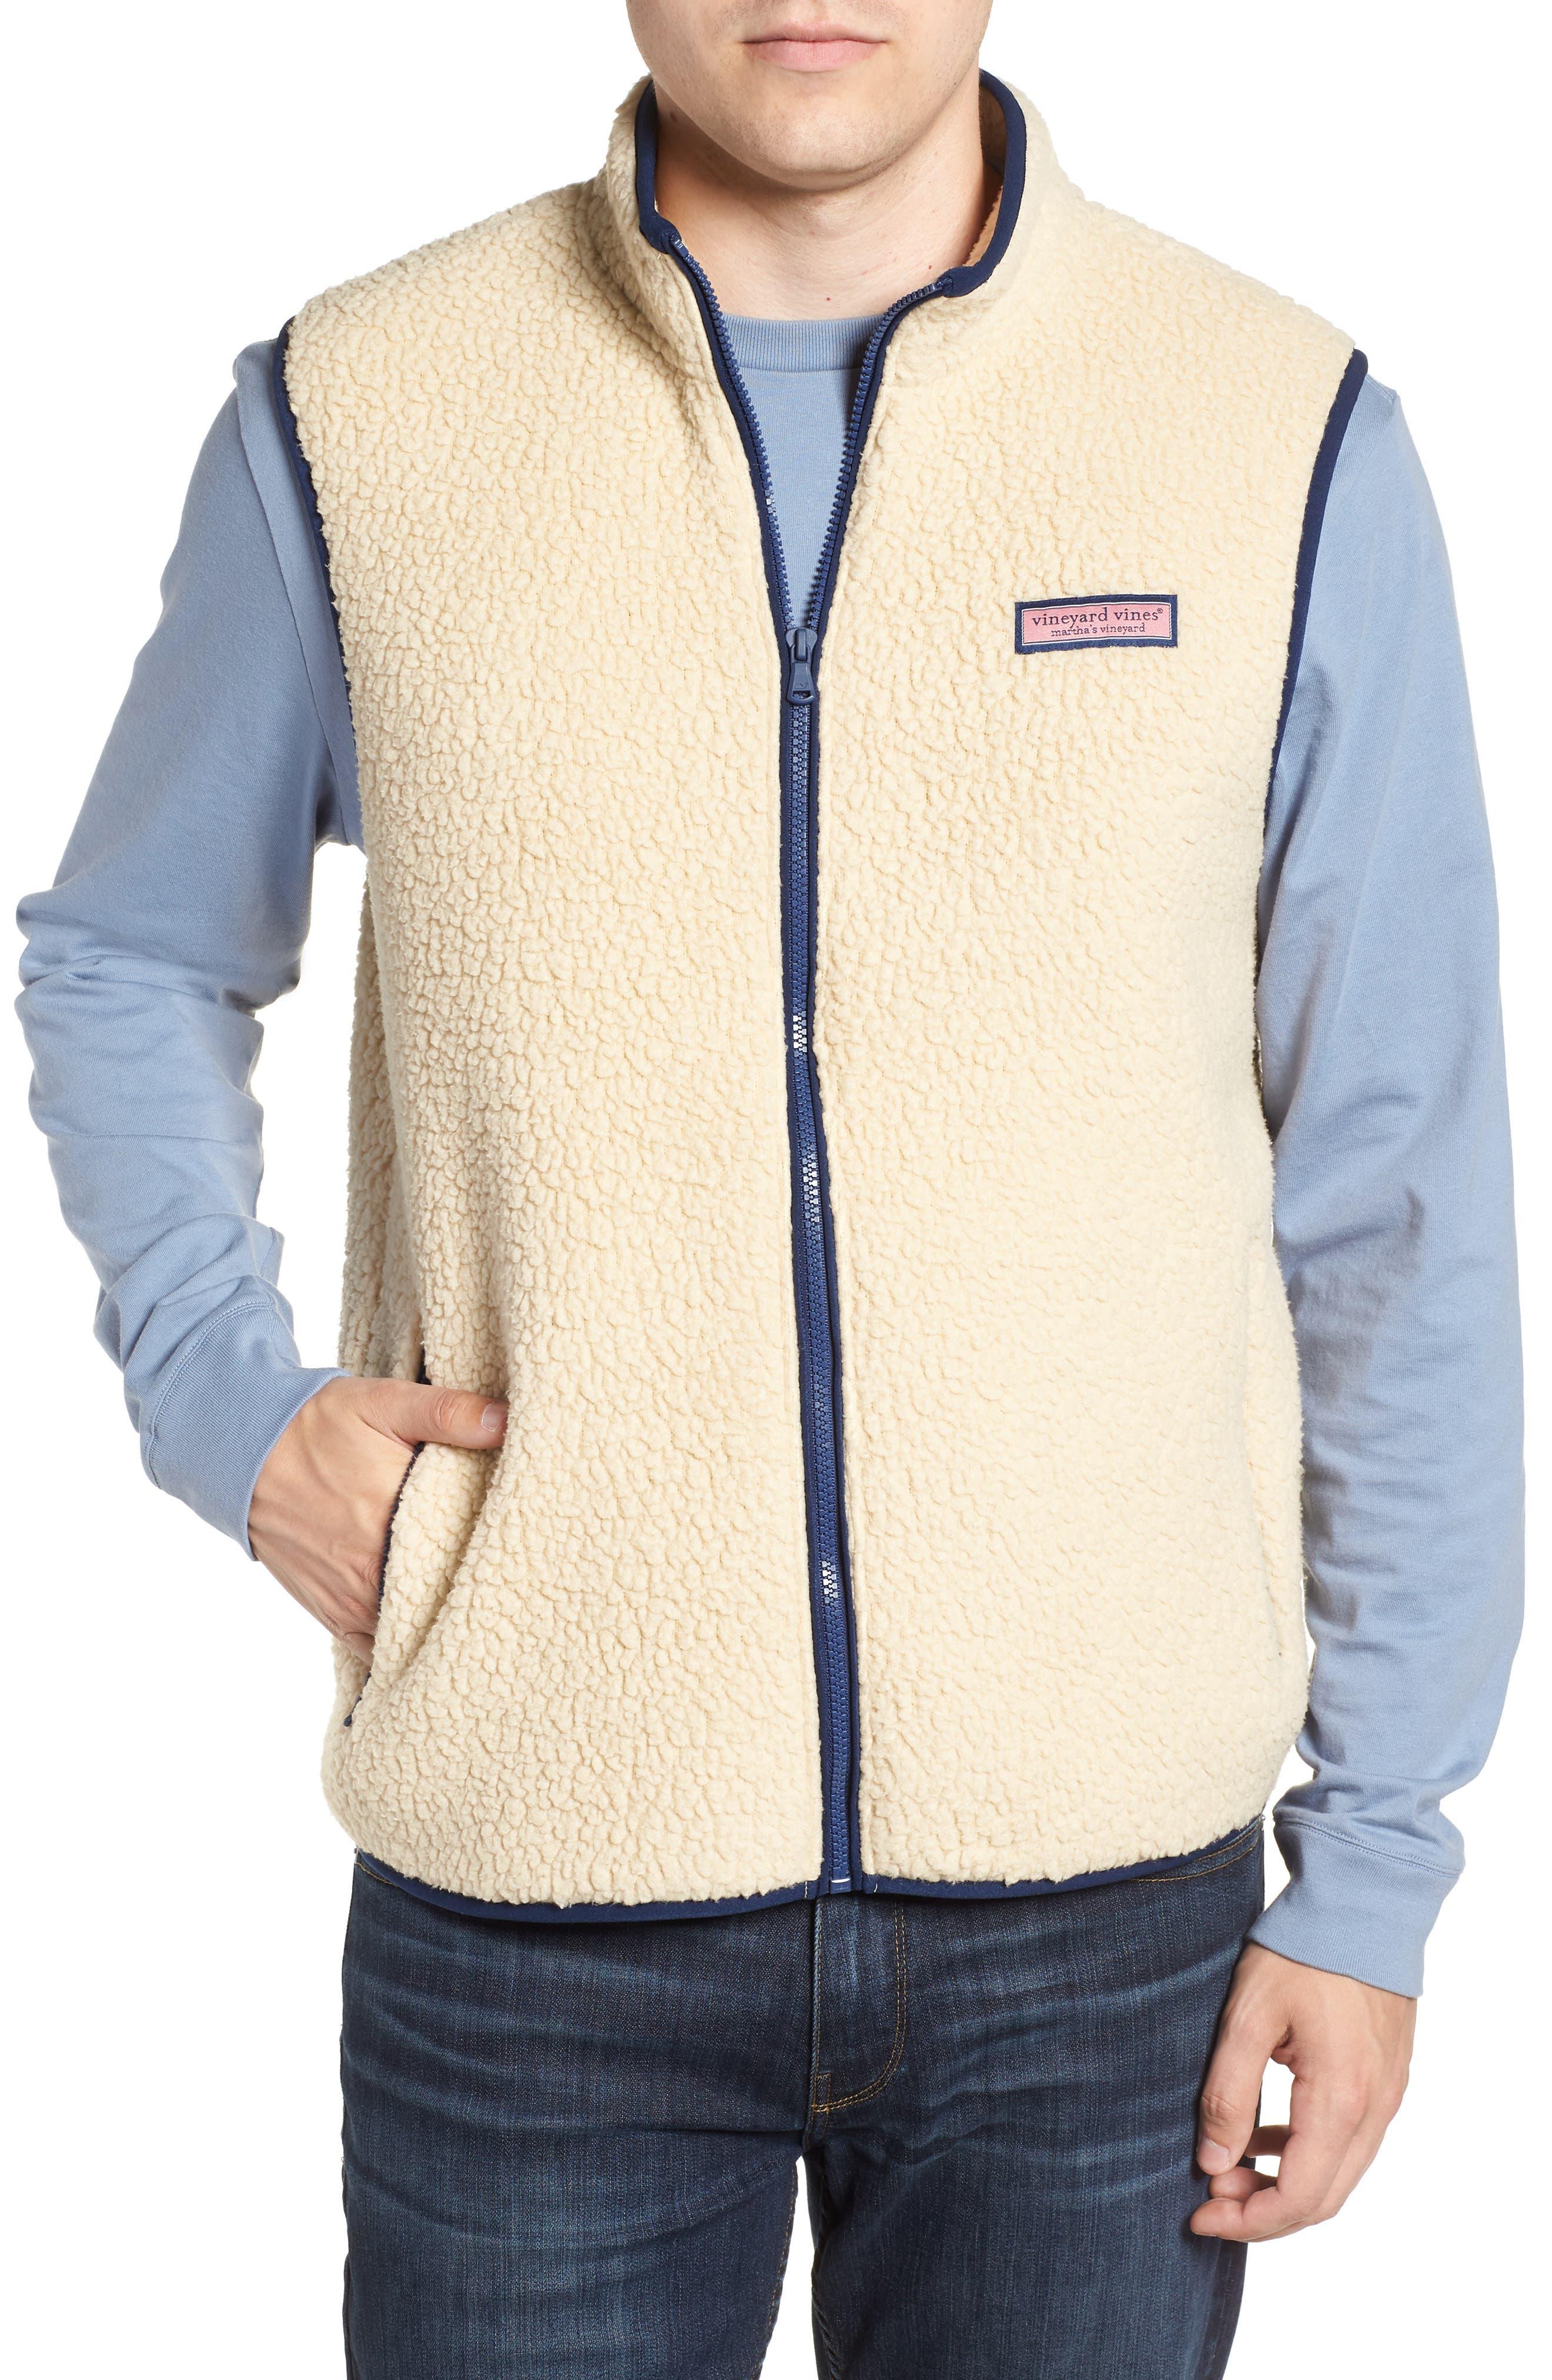 Vineyard Vines Harbor Regular Fit Fleece Vest